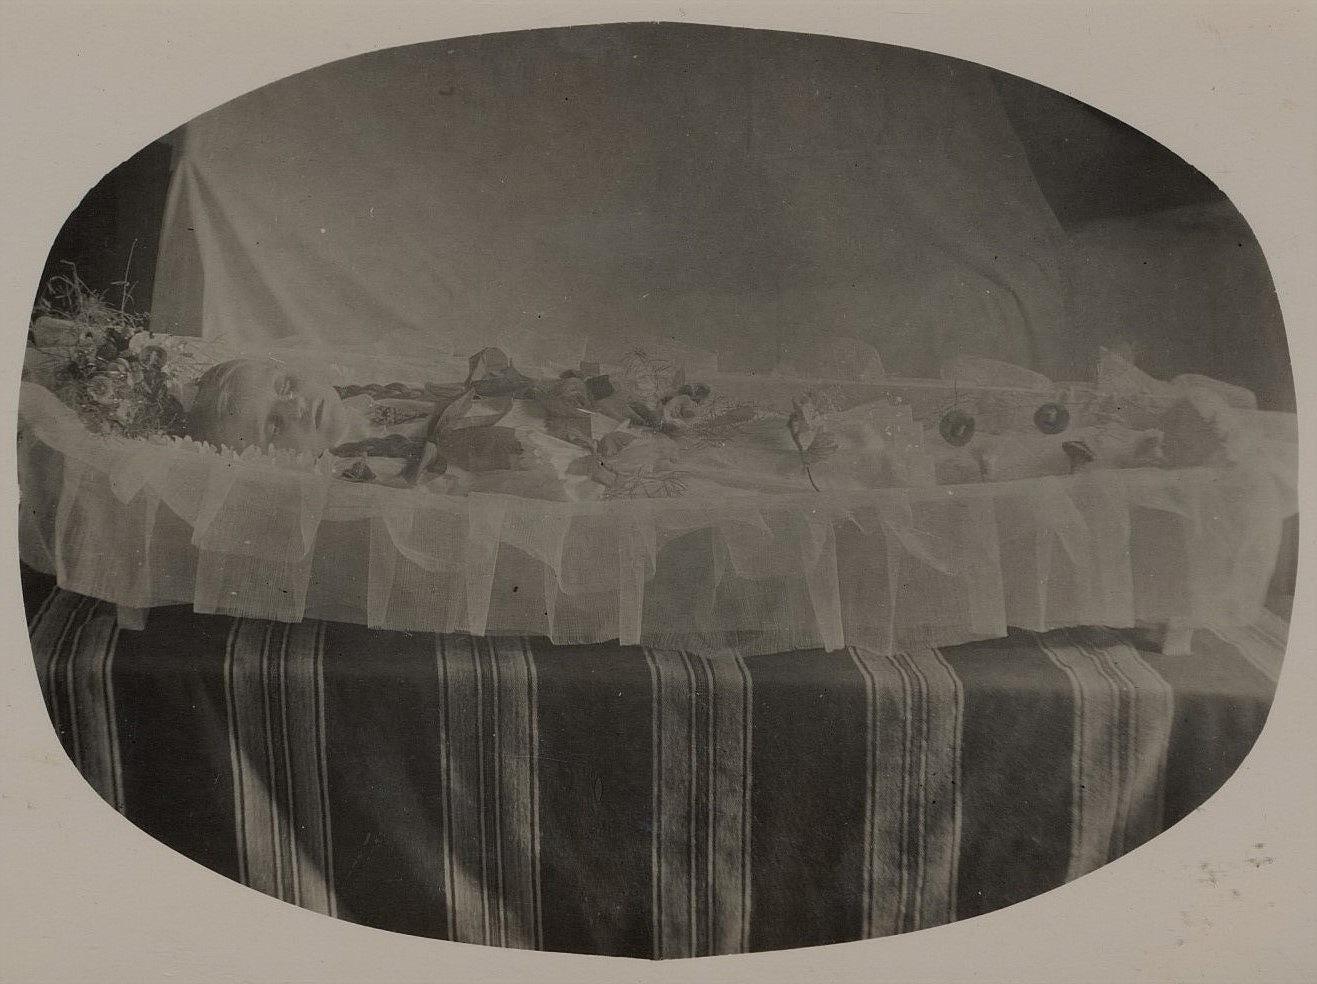 Josef och Almas dotter Svea var bara 5 år gammal då hon dog år 1932. Artur Lövholm fotograferade henne där hon låg i den öppna kistan. Så här gjorde man förr och det var inget ovanligt att folk kom enkom för att titta på den döda.